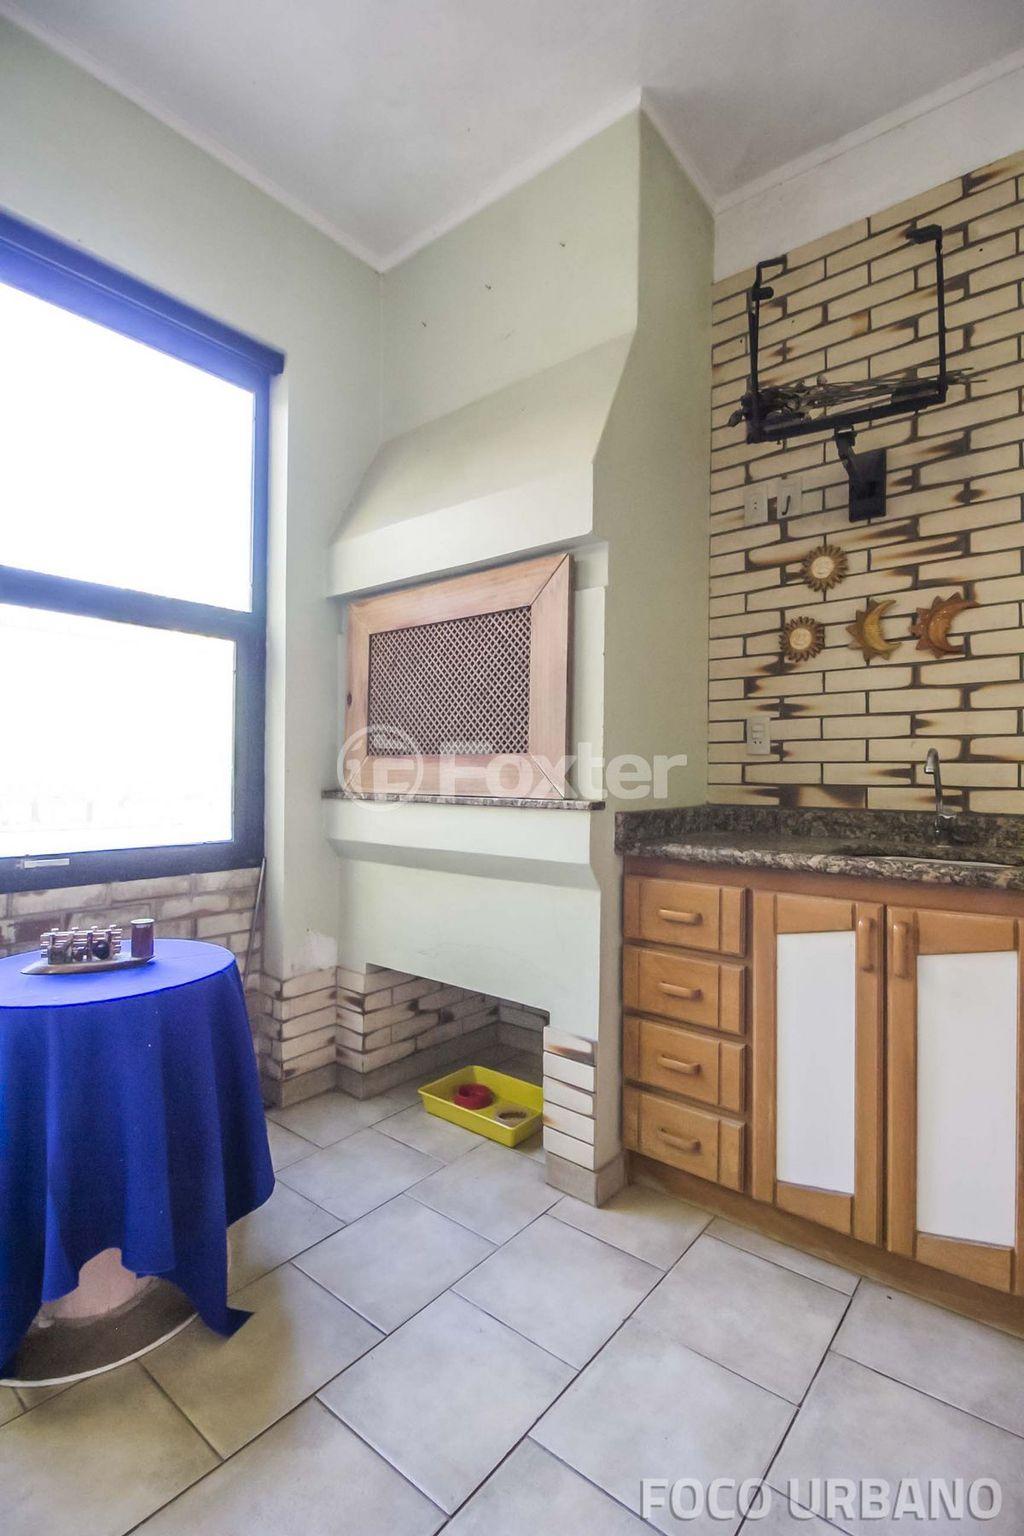 Foxter Imobiliária - Casa 4 Dorm, Rubem Berta - Foto 44